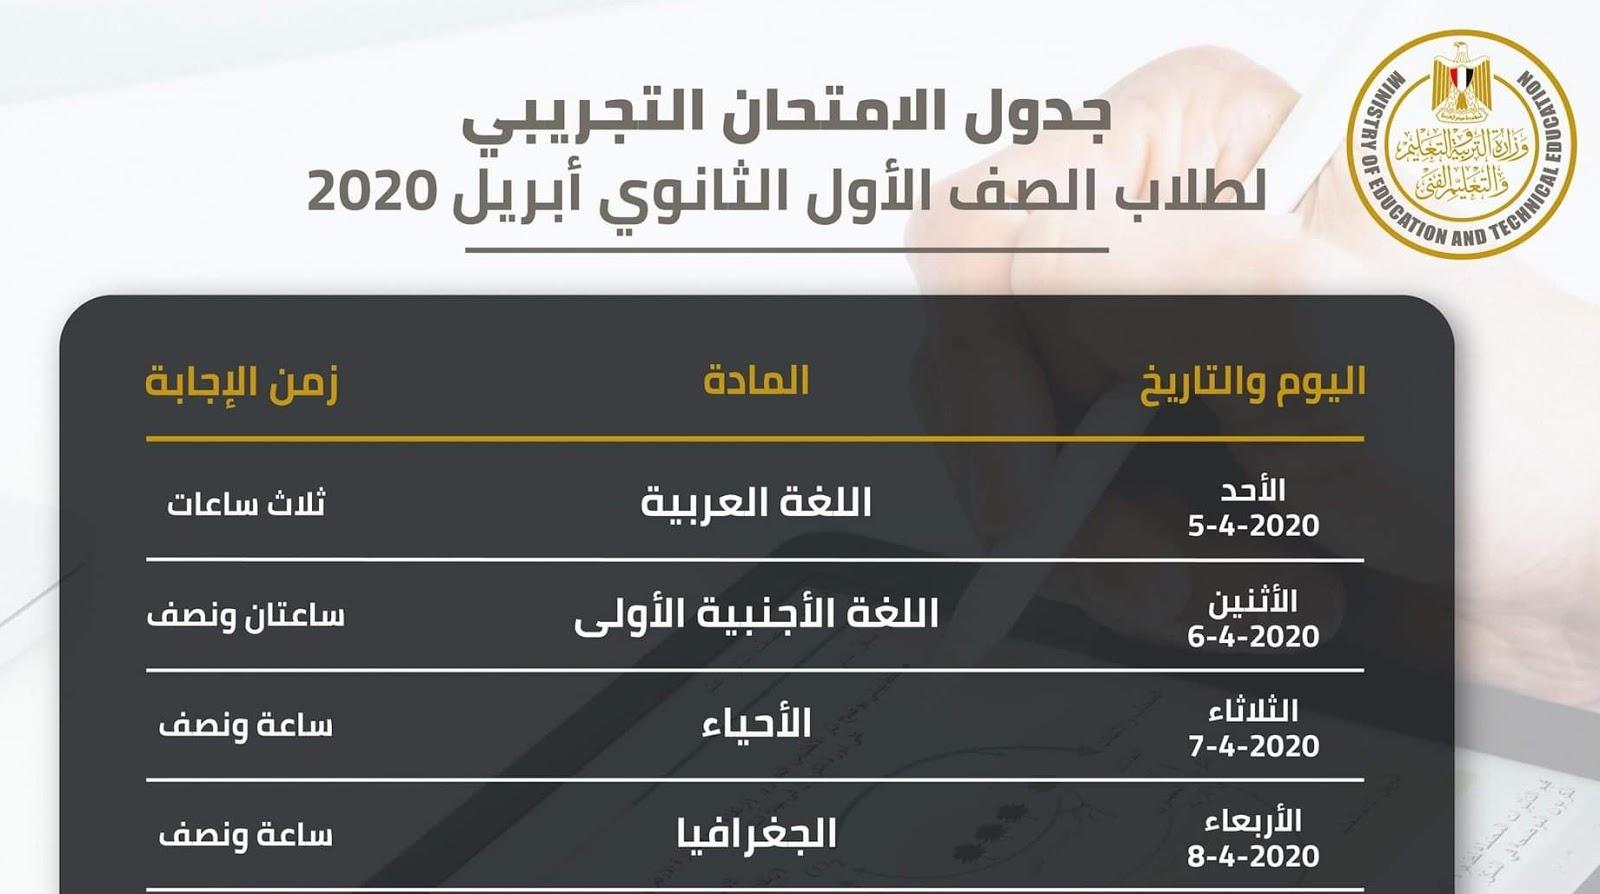 وزير التربية والتعليم يعلن جدول الامتحان التجريبى للصف الاول الثانوى ومواعيد الدخول على منصة الامتحان